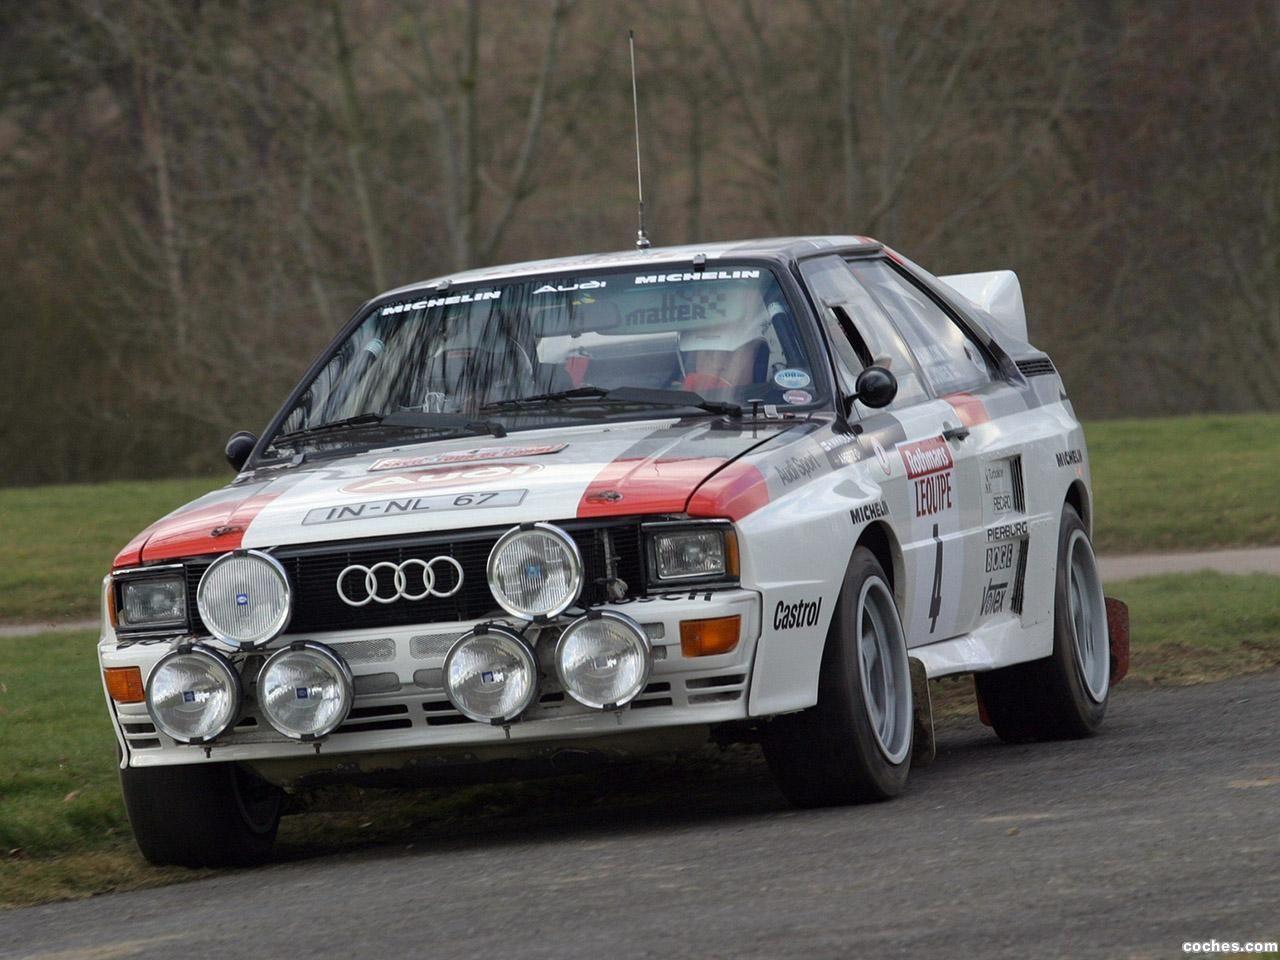 Audi Quattro Group B Rally Car 1983 Audi quattro, Coche